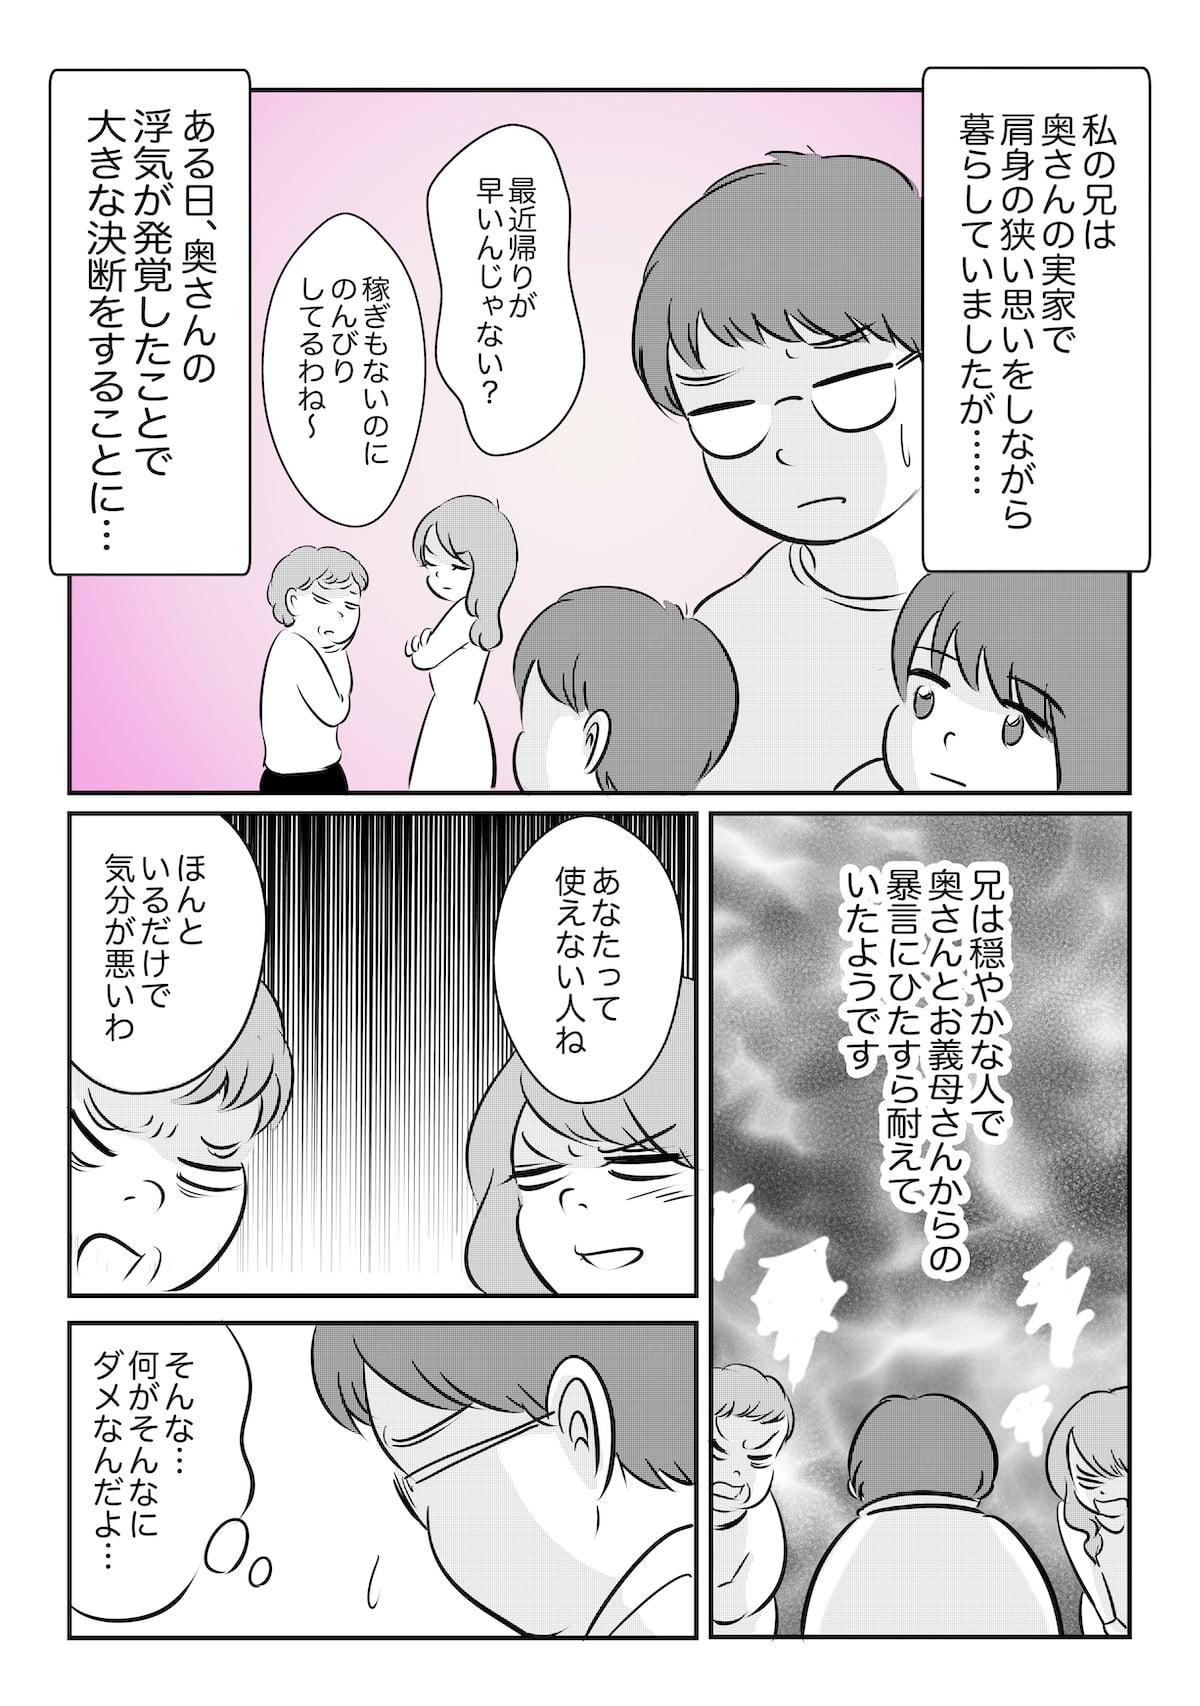 耐え抜いた兄の幸せ_001